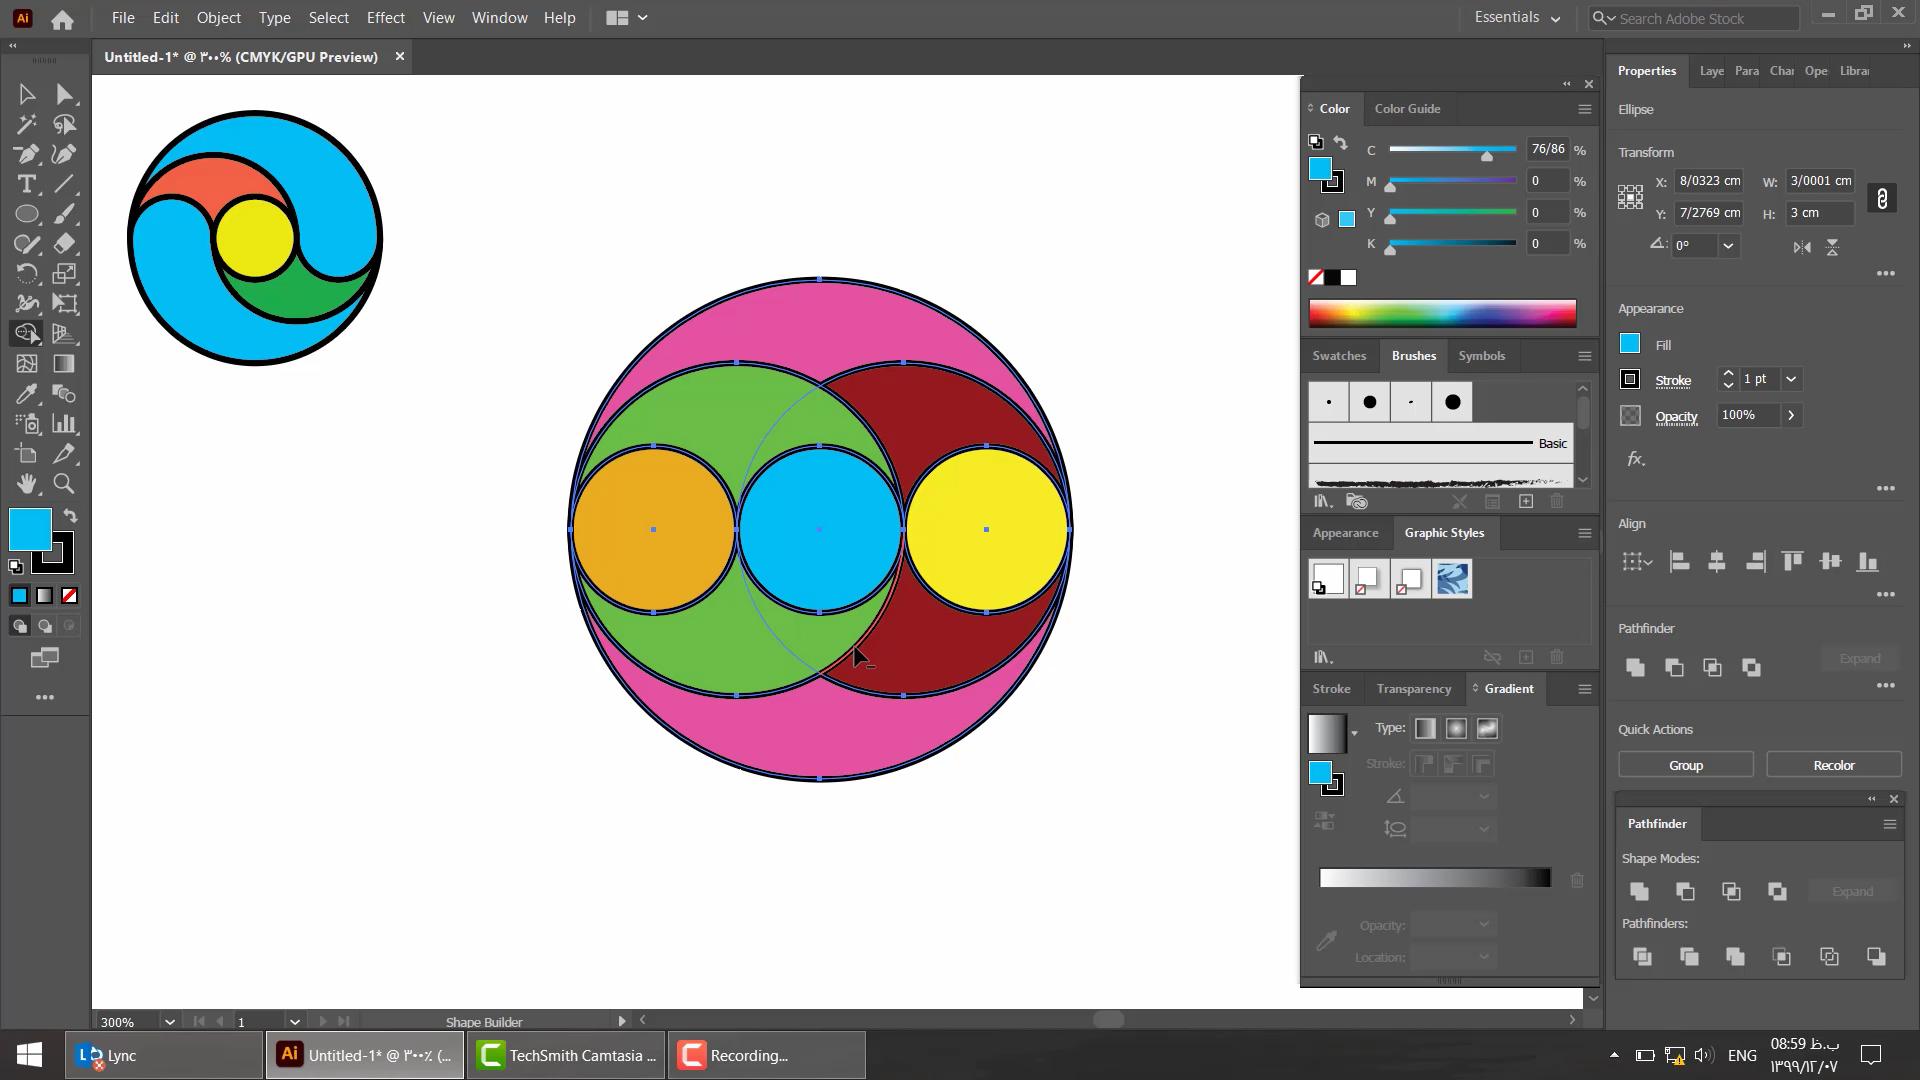 آموزش طراحی لوگو در ایلاستریتور با ترکیب شکل ها